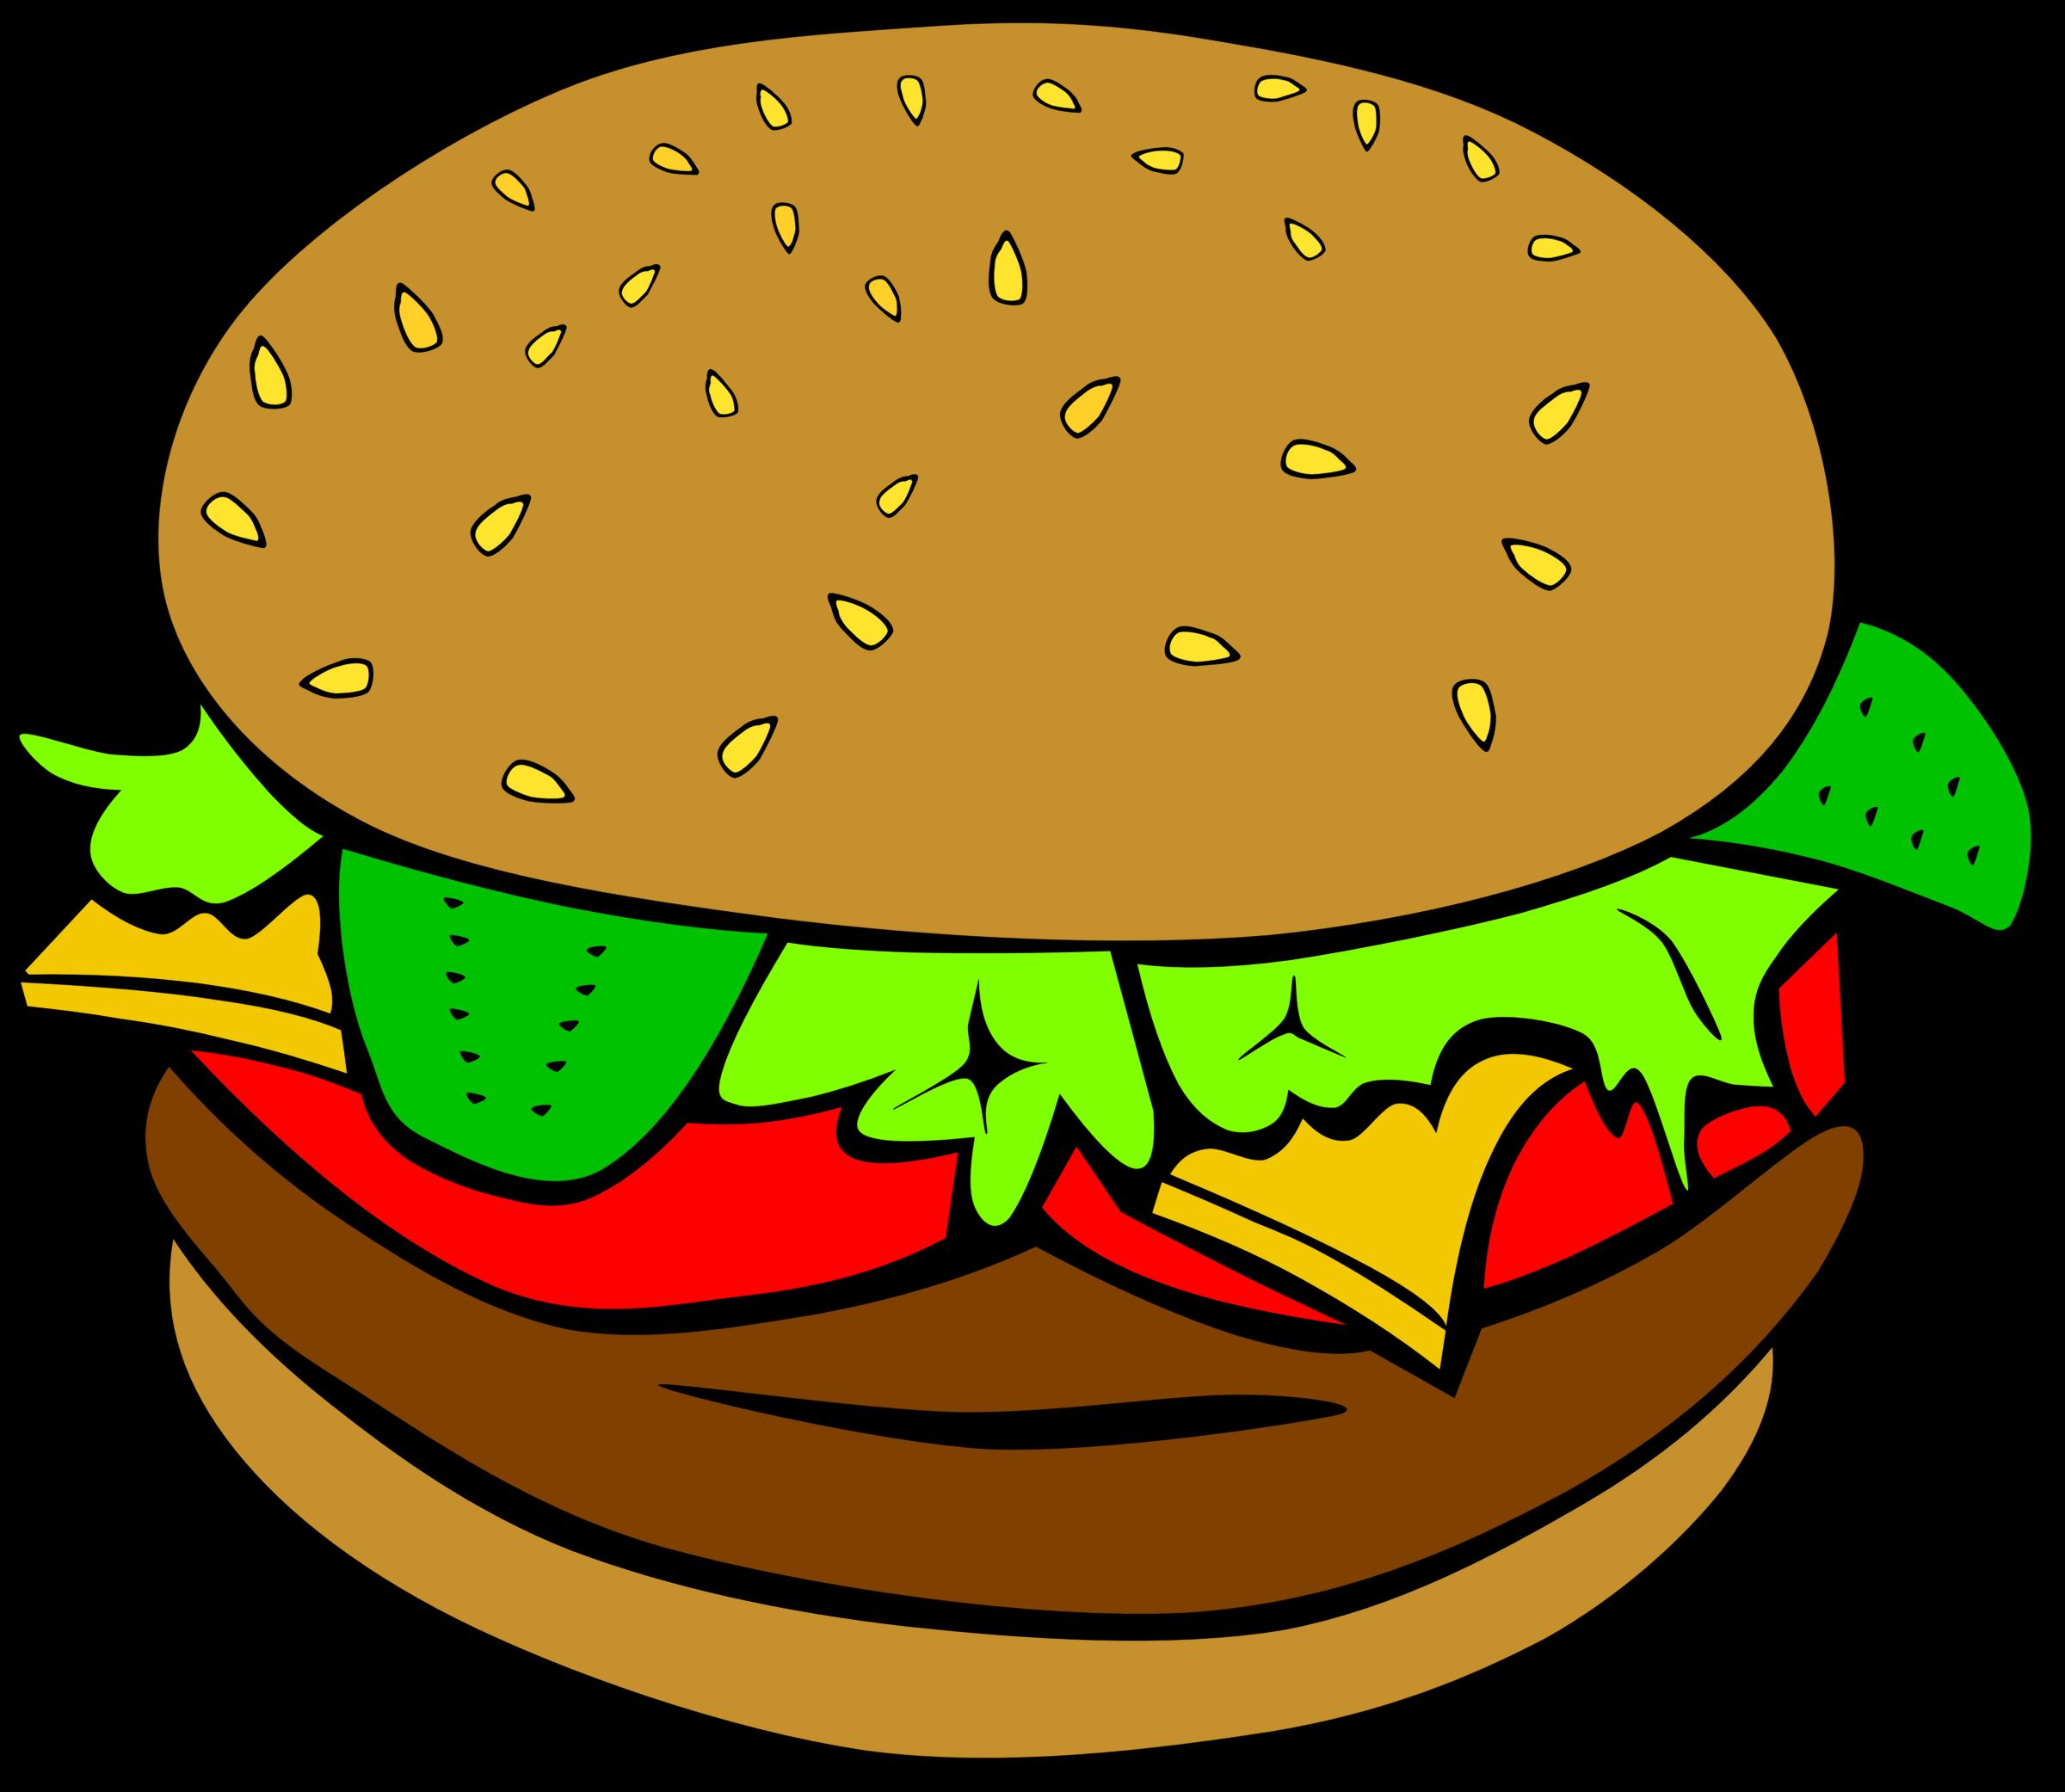 Non perishable food free. Diner clipart logo